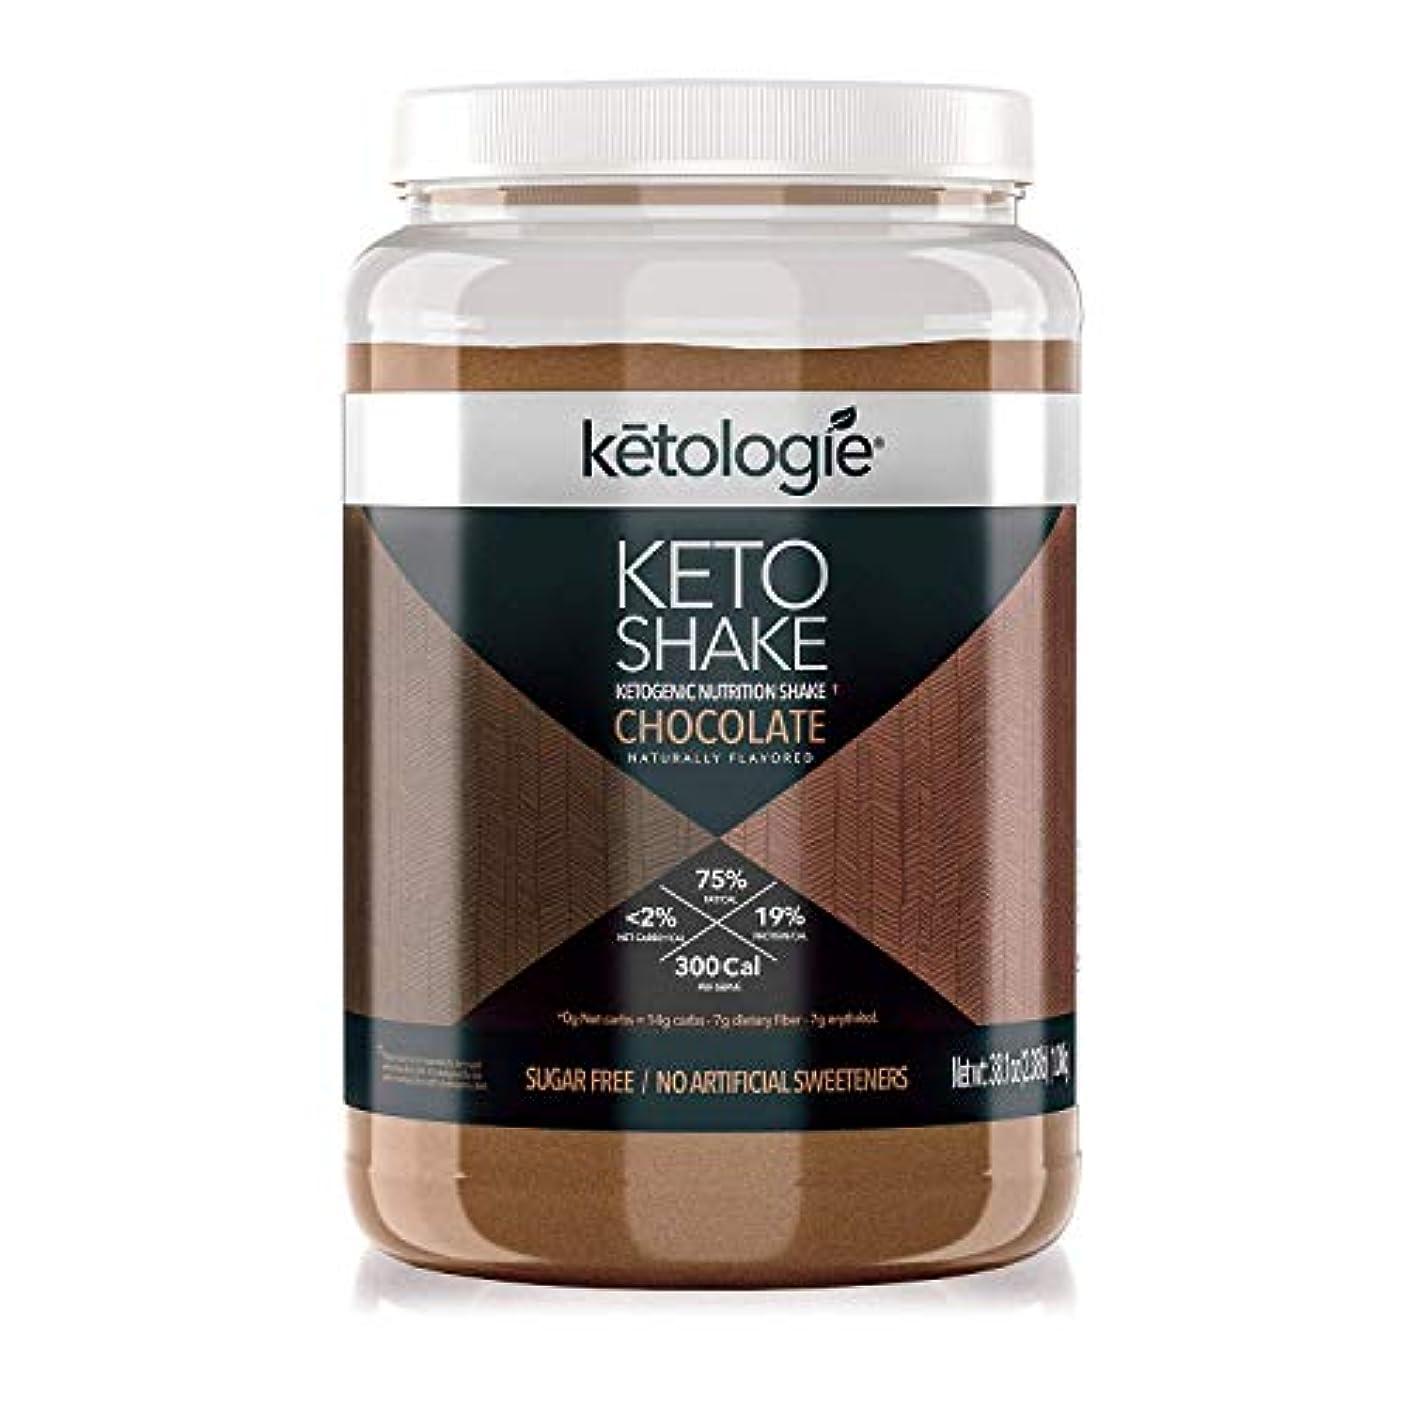 ポンド資格情報かみそり[Ketologie] [コラーゲンケトシェイク(チョコレート)Collagen Keto Shake (Chocolate)]